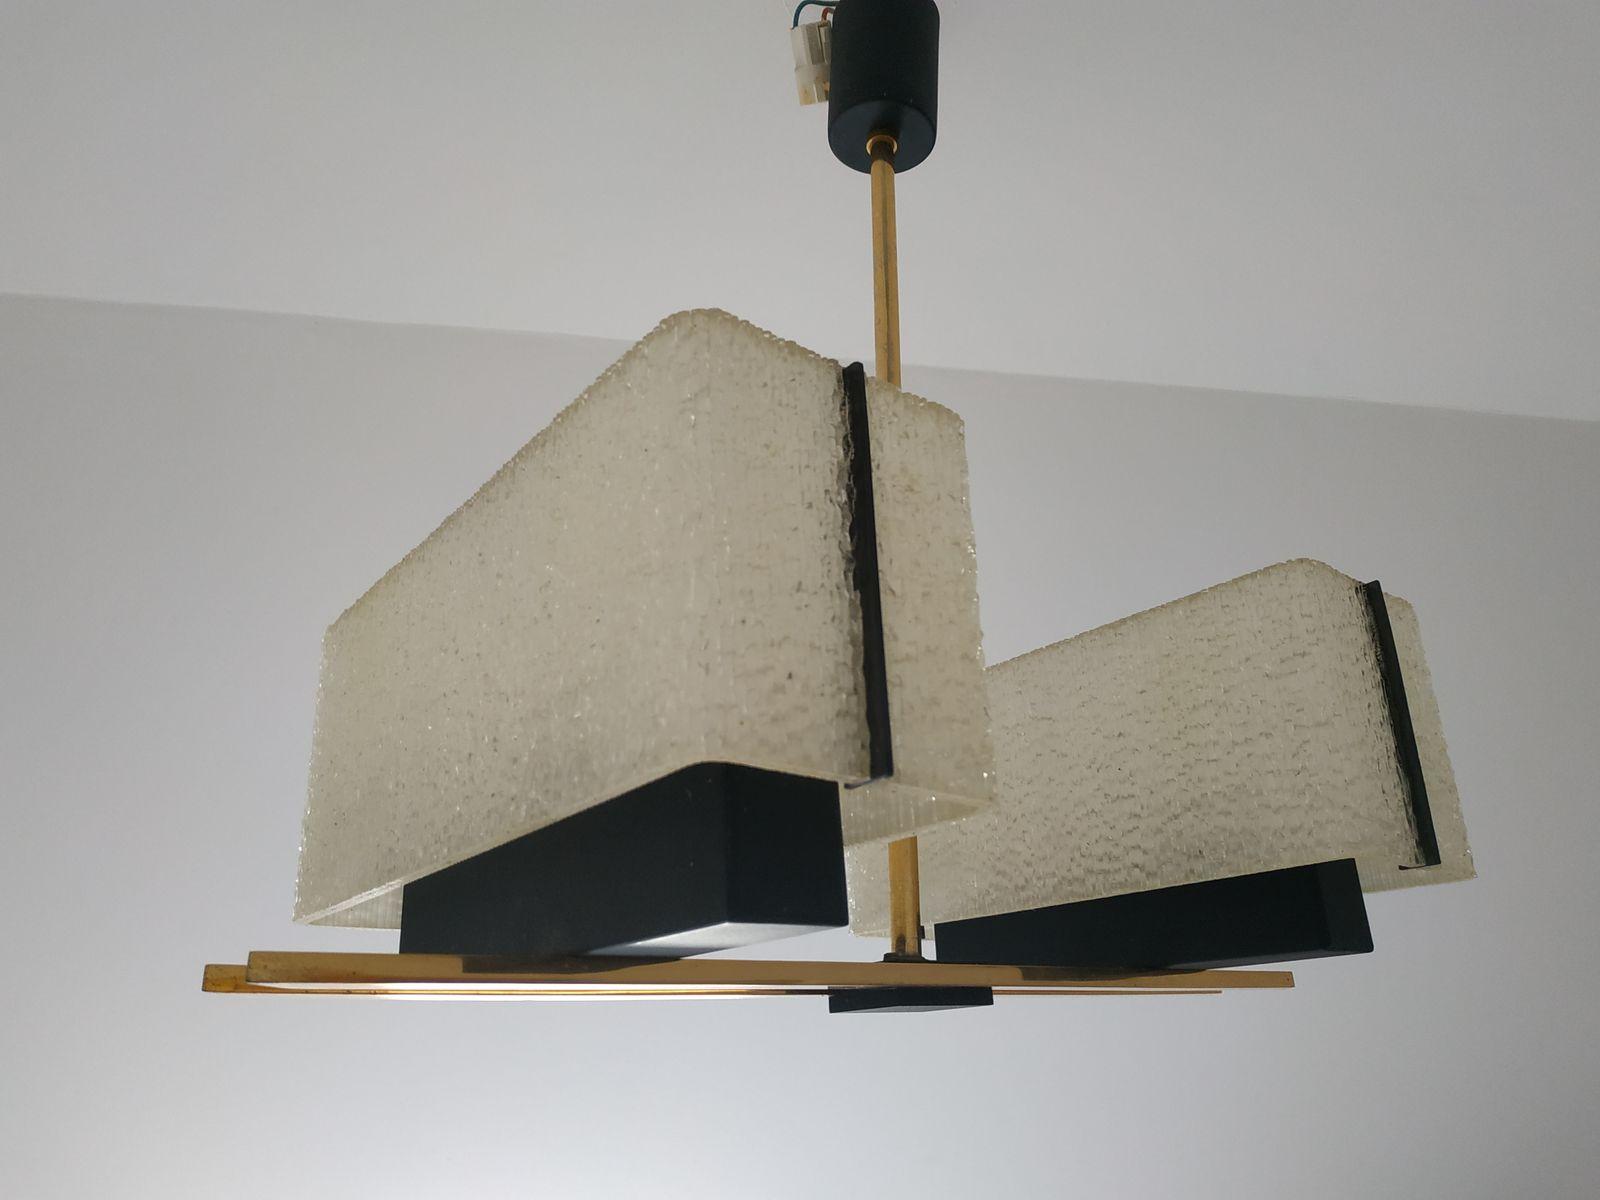 Moderne Kronleuchter Design ~ Schöne moderne kronleuchter im inneren u stockfoto kiriak